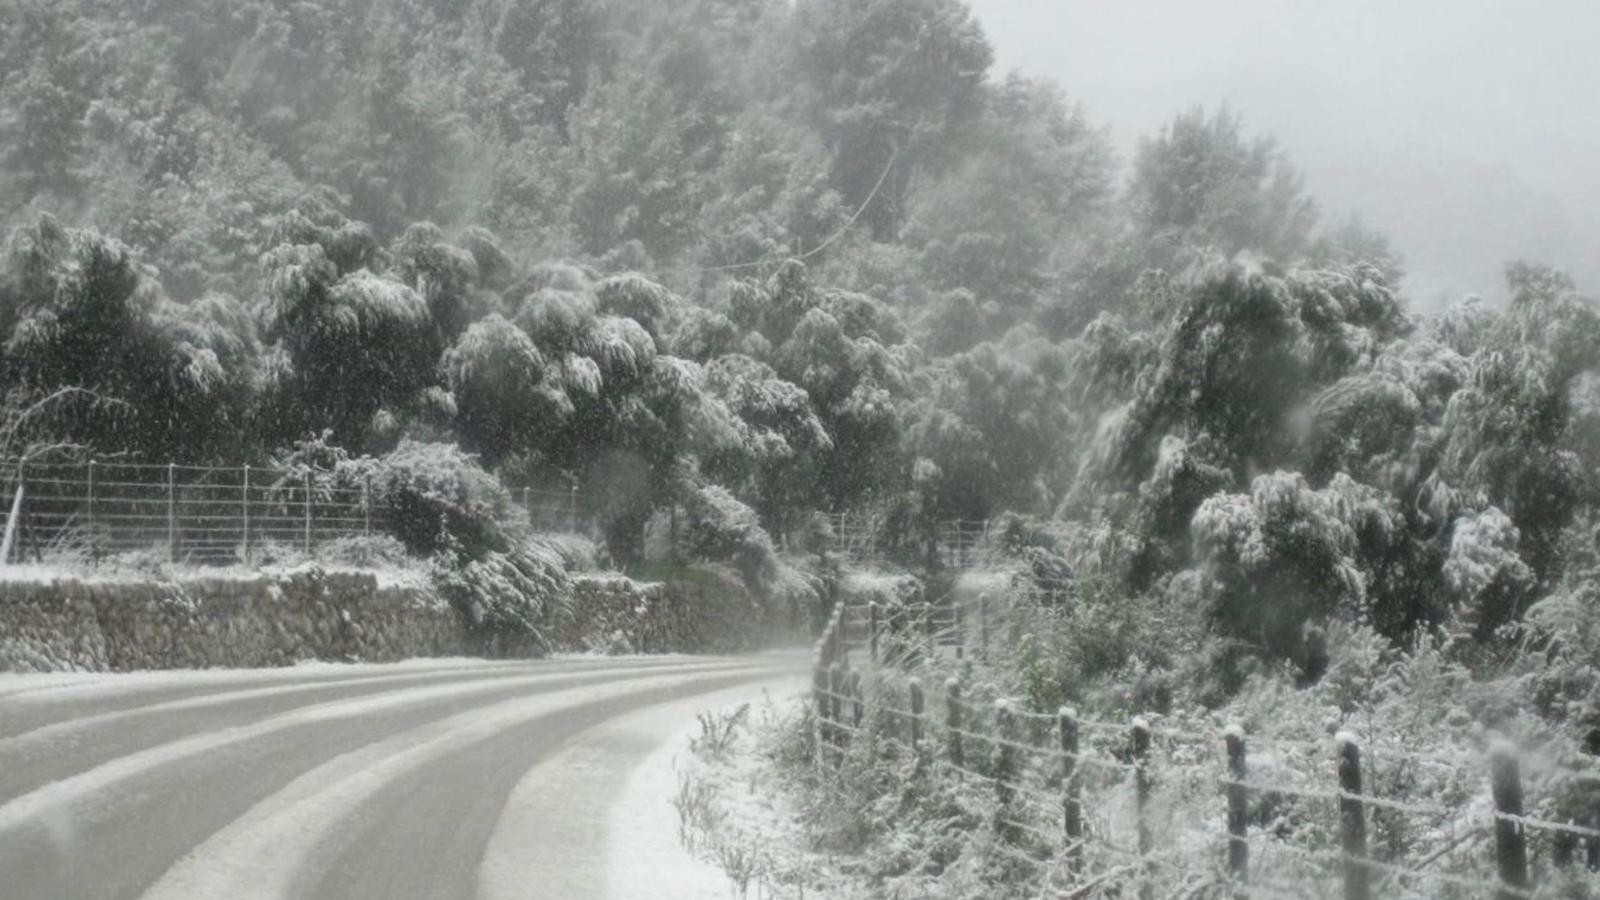 Les baixes temperatures poden provocar nevades